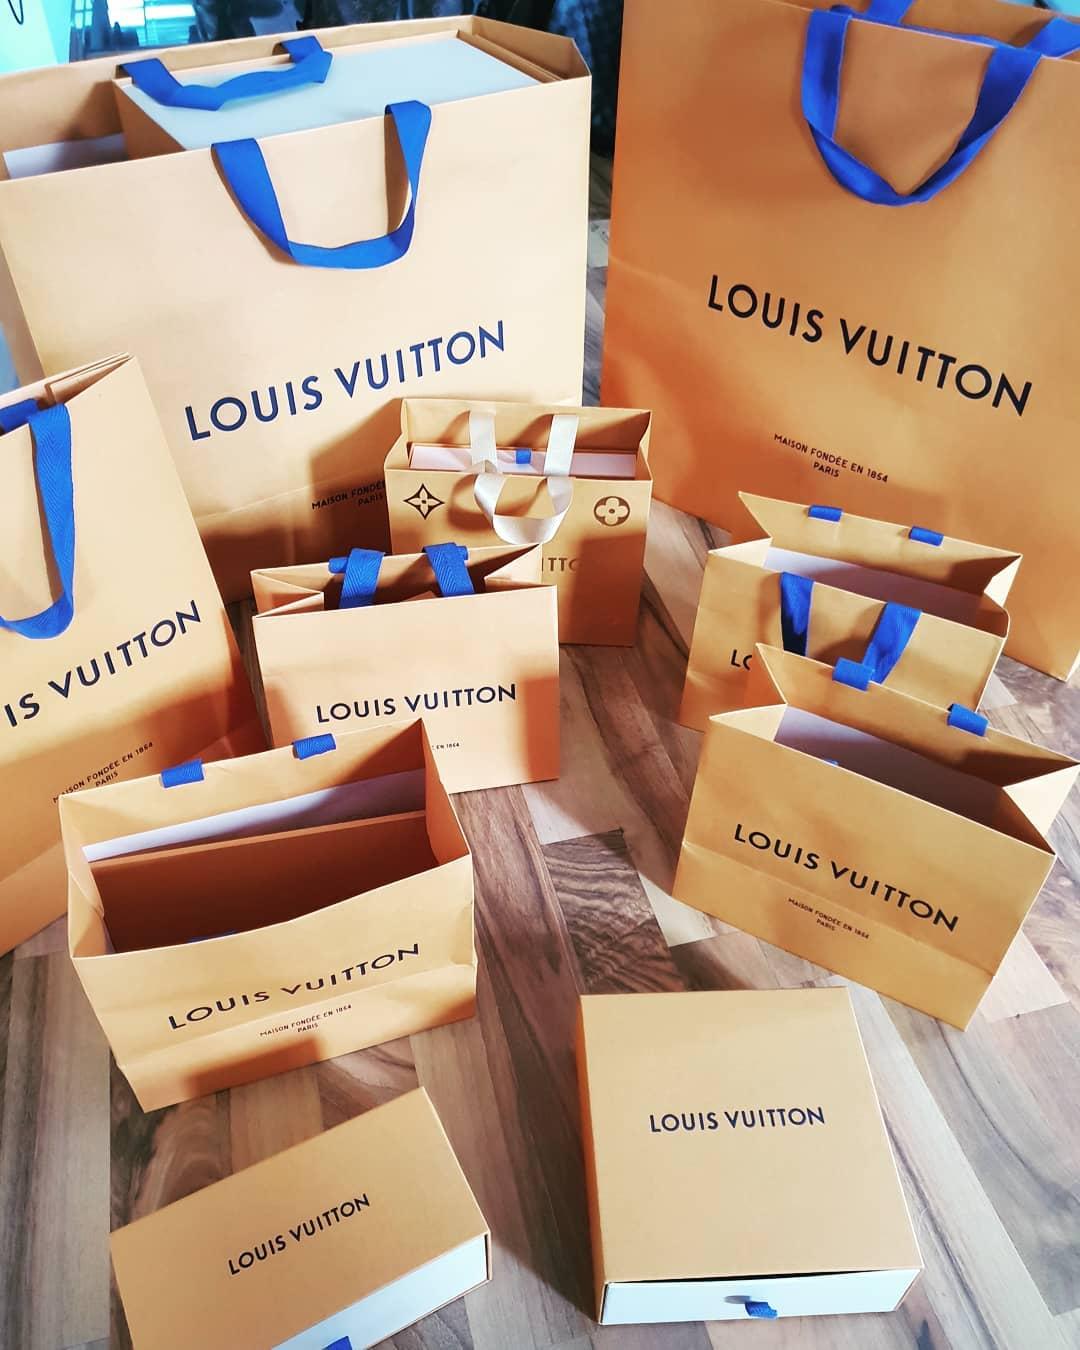 Ich möchte, dass mehr hübsche Frauen original Louis Vuitton am Kudamm kaufen, statt schlechte Fälschungen auf orientalischen Basaren… wem die Kohle dazu fehlt, kann sich gerne mal bei mir melden und ich zeige euch, wie schnell ihr eure Wünsche erfüllen könnt 😉💸💳💶 . #louisvuitton #lv #luxus #luxury #lifestyle #rich #money #fame #sexy #beautyful #model #amazing #makemoney #easymoney #geldverdienen #kudamm #berlin #berlinmodel #berlinstagram